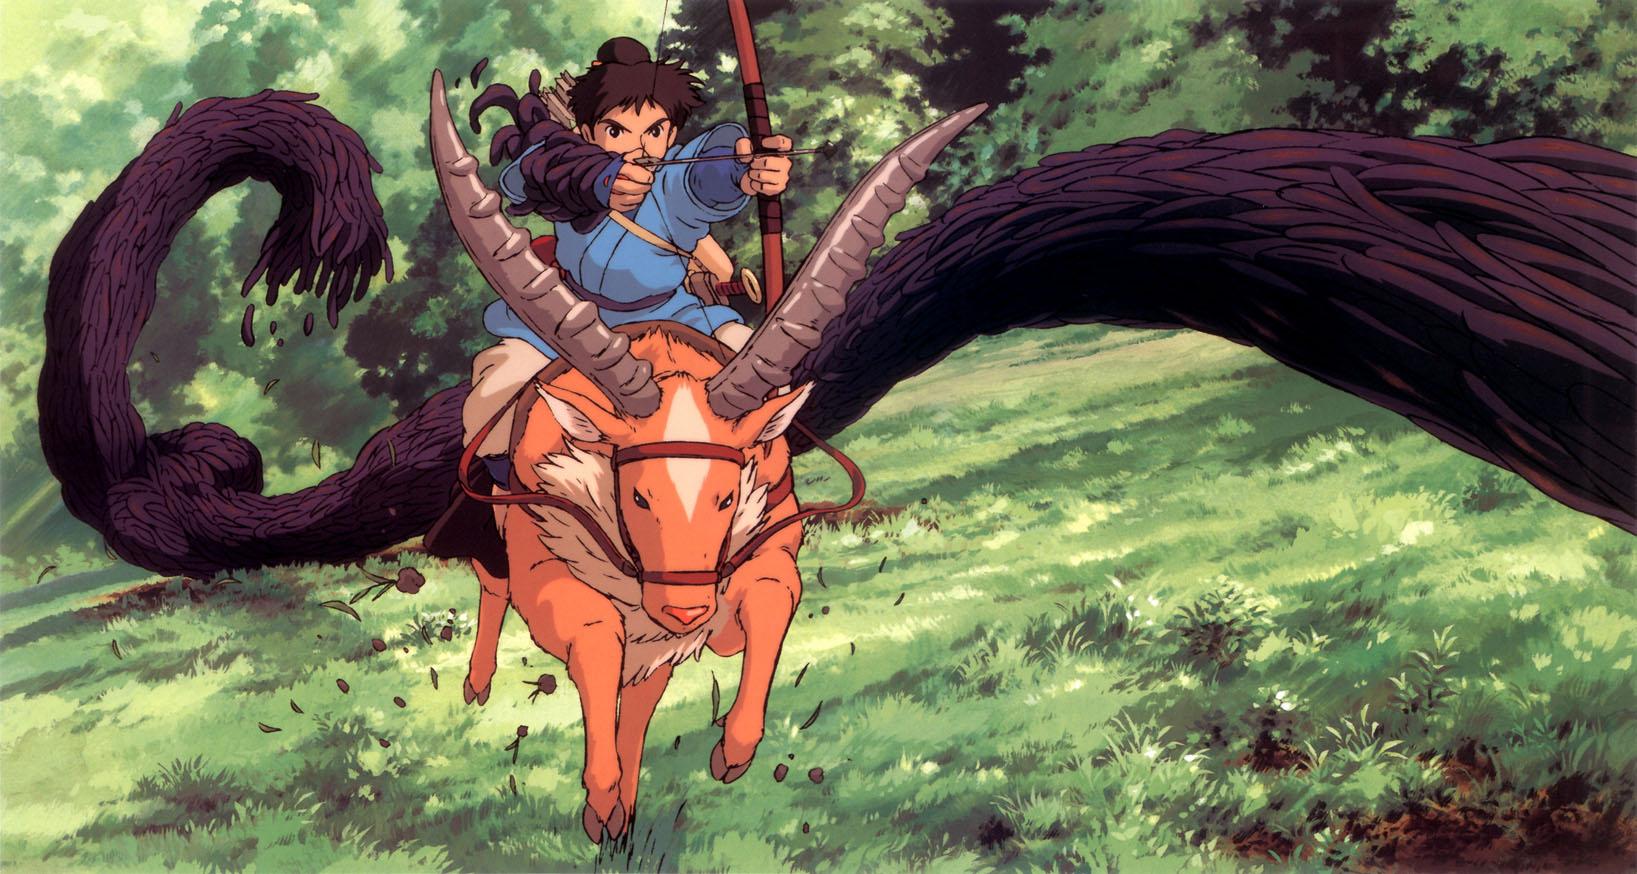 Revisión |  La princesa Mononoke (1997)